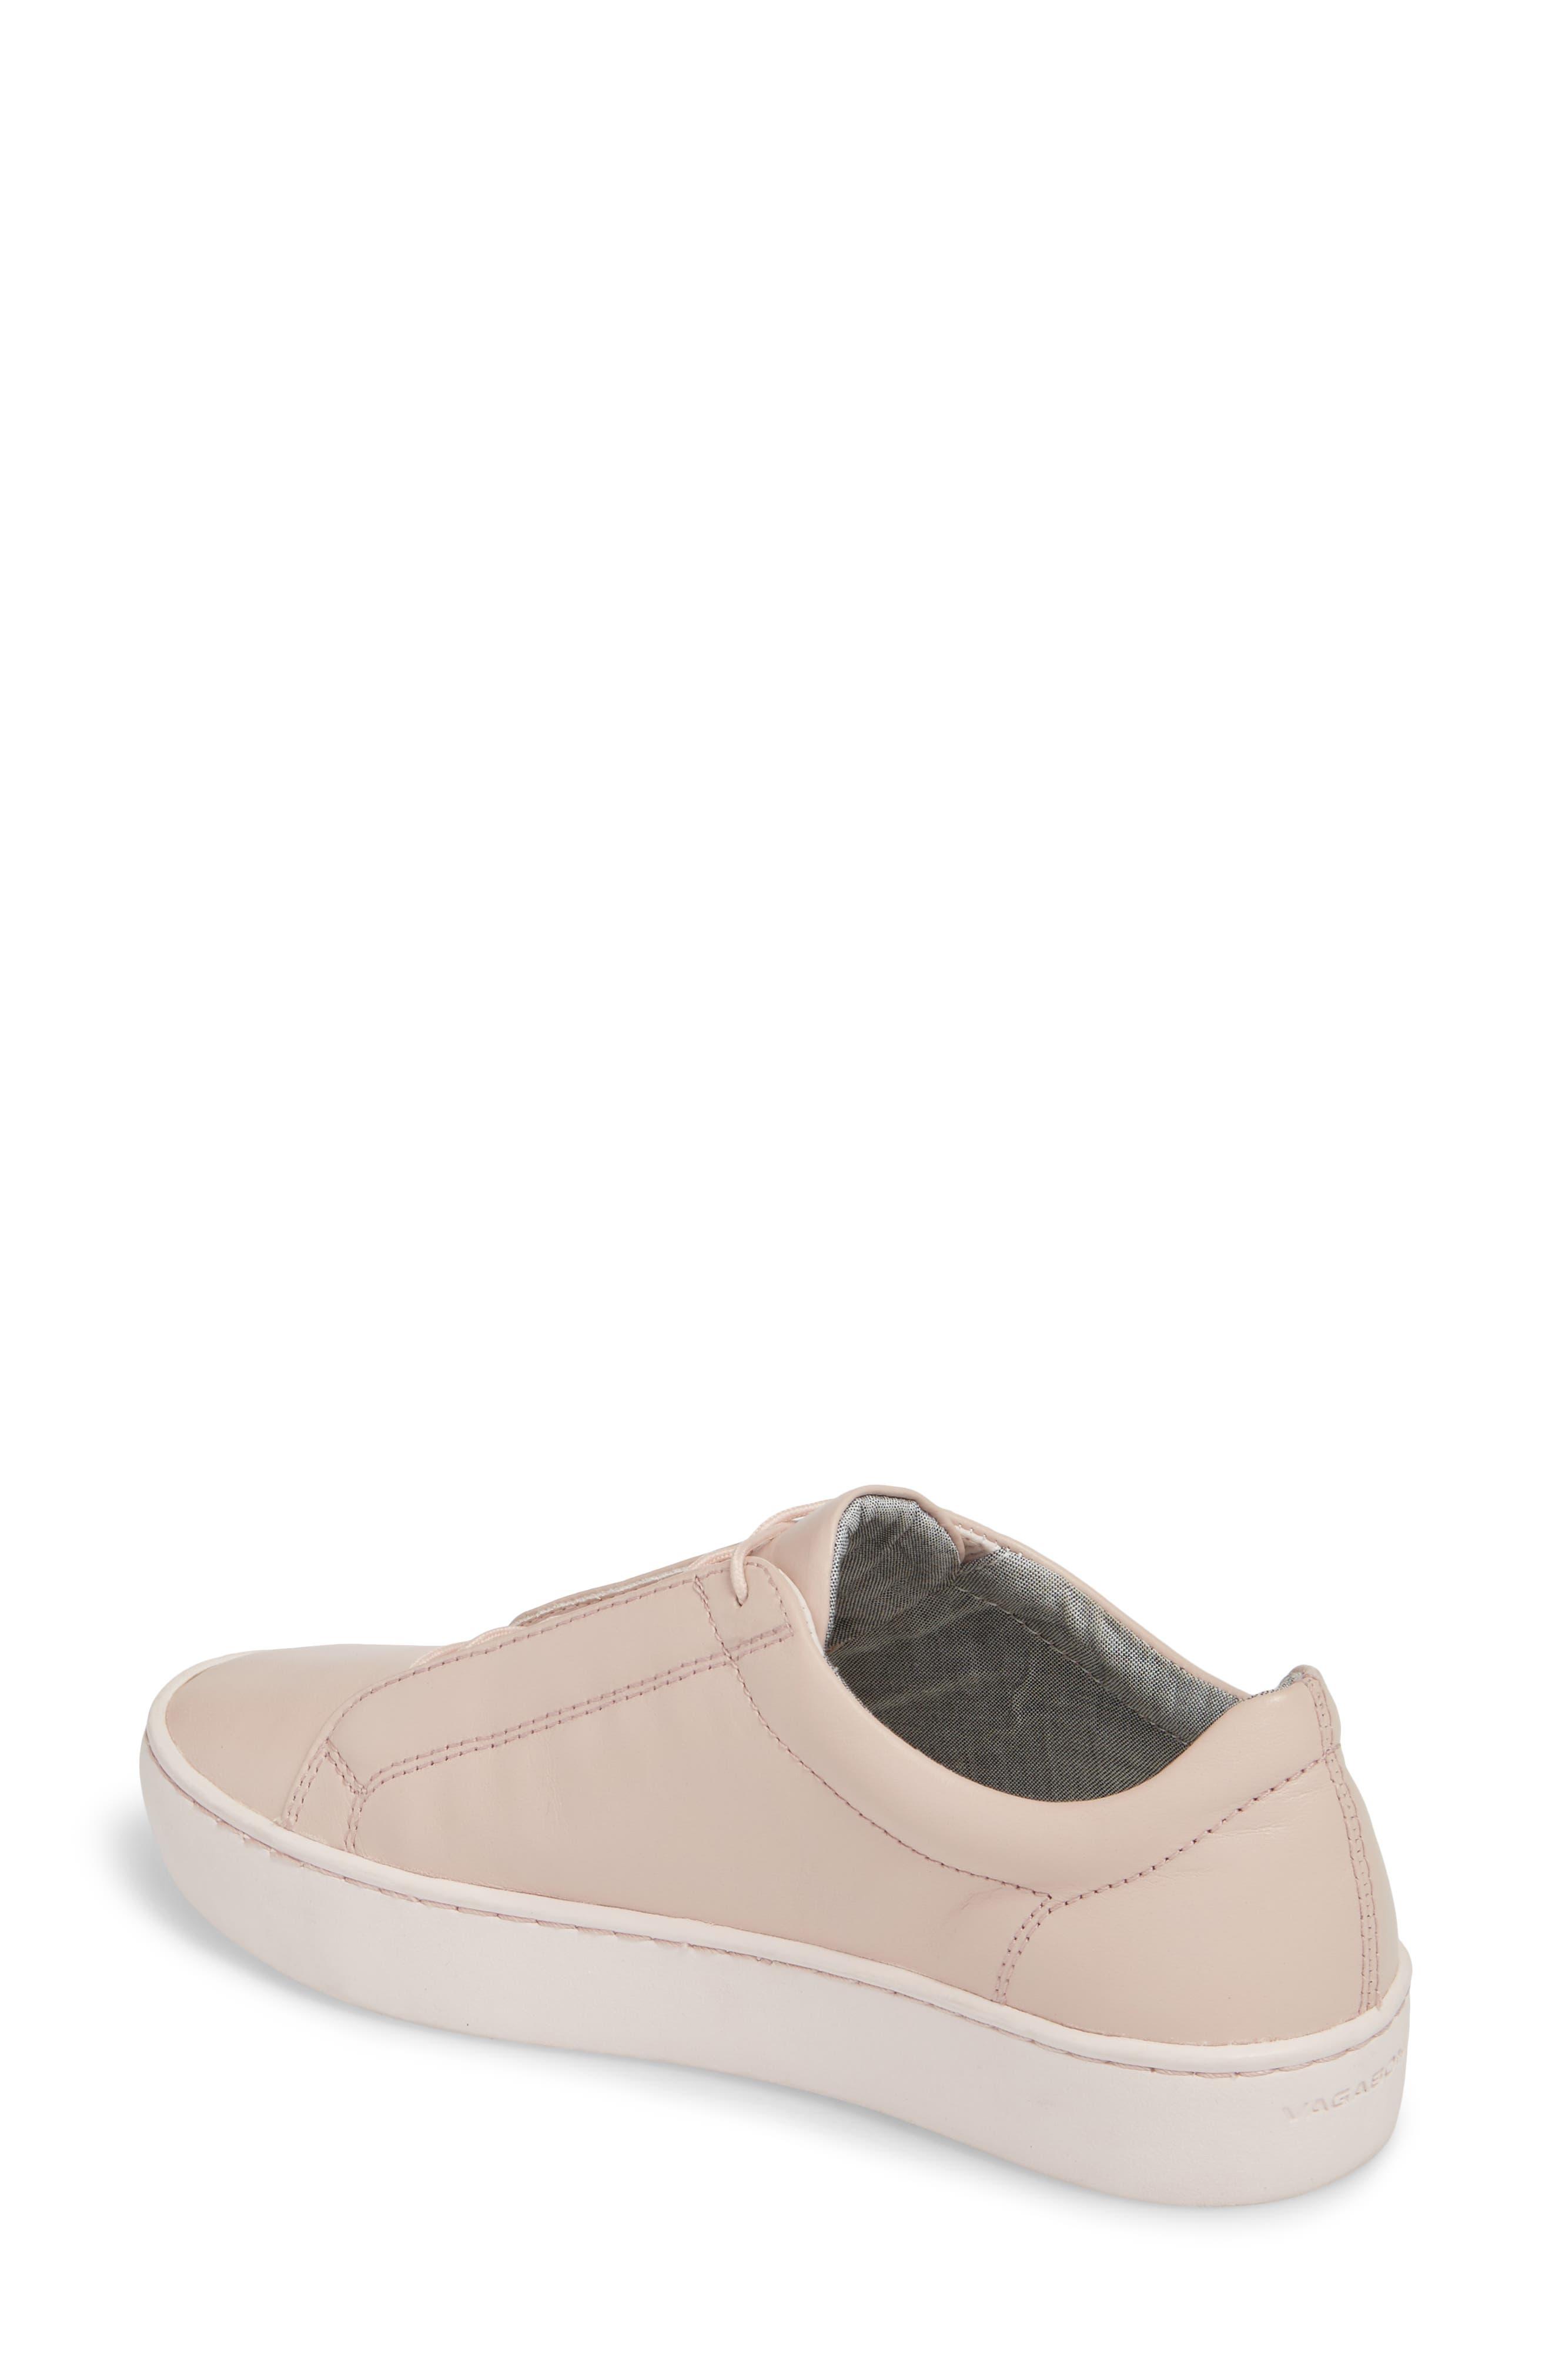 Zoe Sneaker,                             Alternate thumbnail 2, color,                             Milkshake Leather